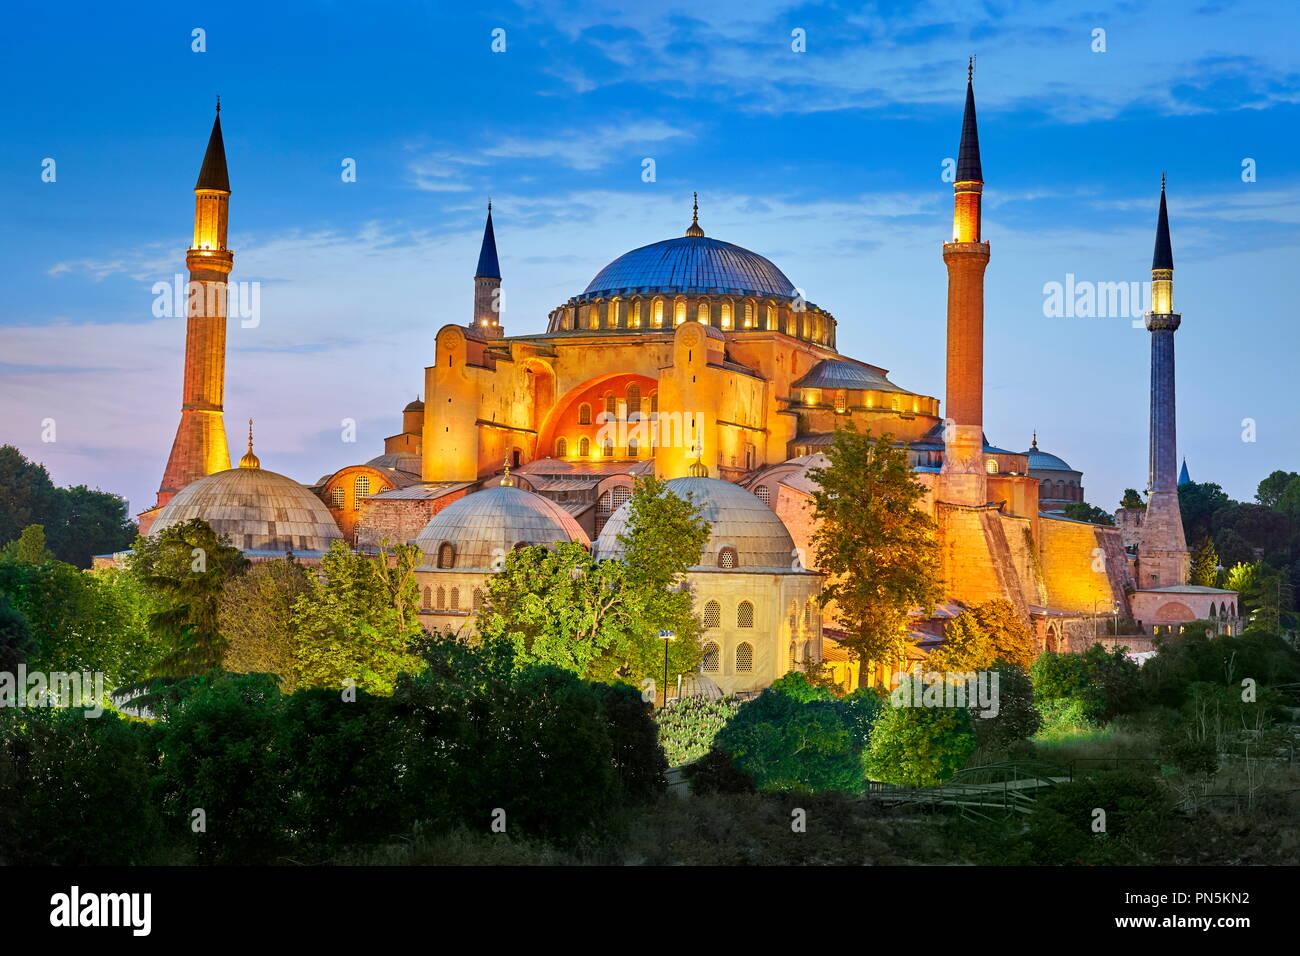 Hagia Sophia en luz del atardecer, el Ayasofya, Estambul, Turquía Foto de stock